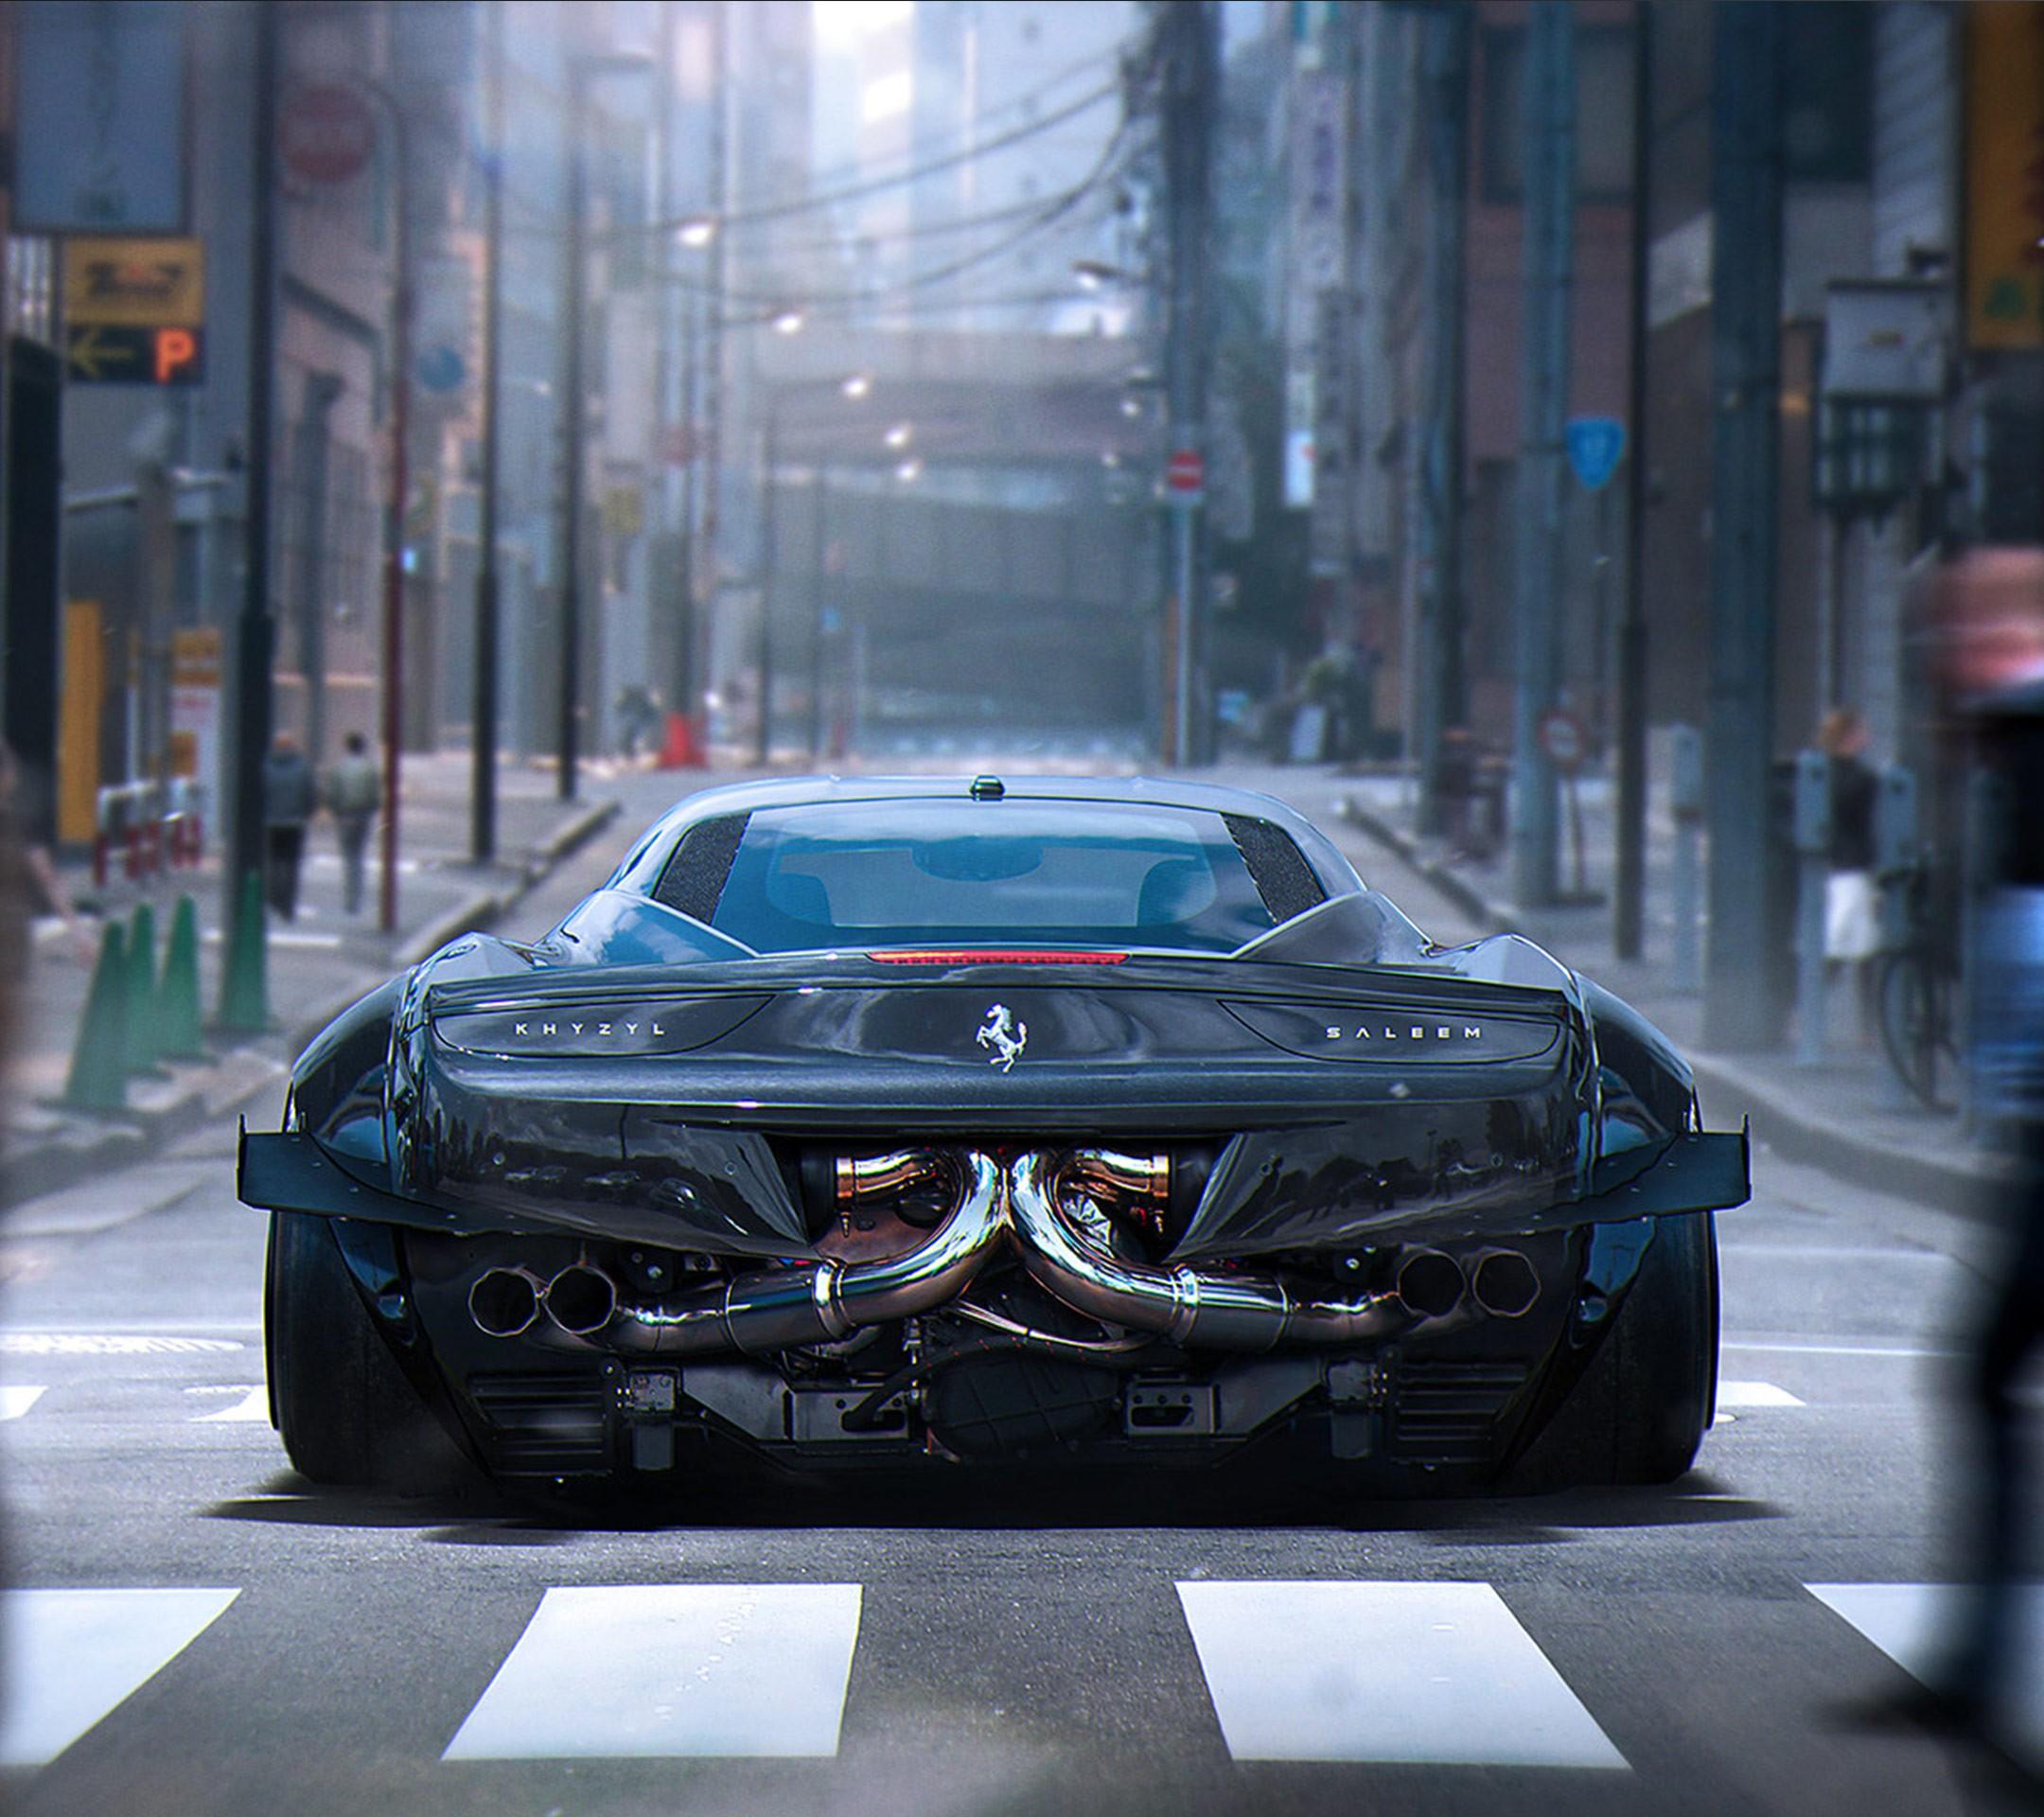 Best Future City 3d Wallpapers Wallpaper Lamborghini Aventador Sports Car Khyzyl